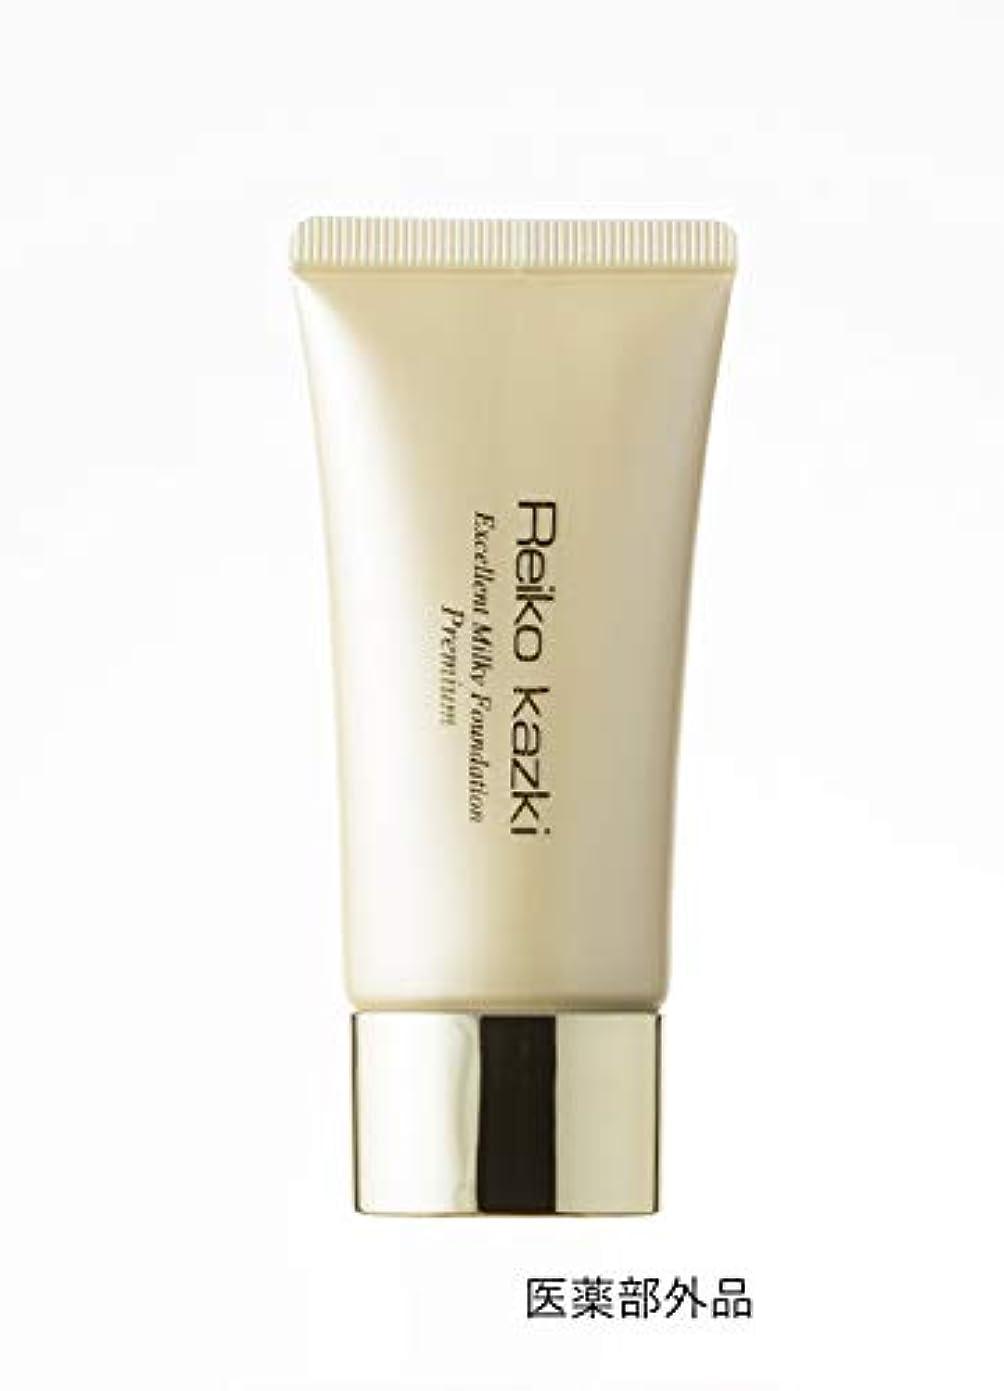 性別取り消す犠牲【医薬部外品】 かづきれいこ 薬用エクセレントミルキーファンデーション プレミアム (化粧下地) SPF31/PA+++で紫外線をカット。美白有効成分を配合した化粧下地。